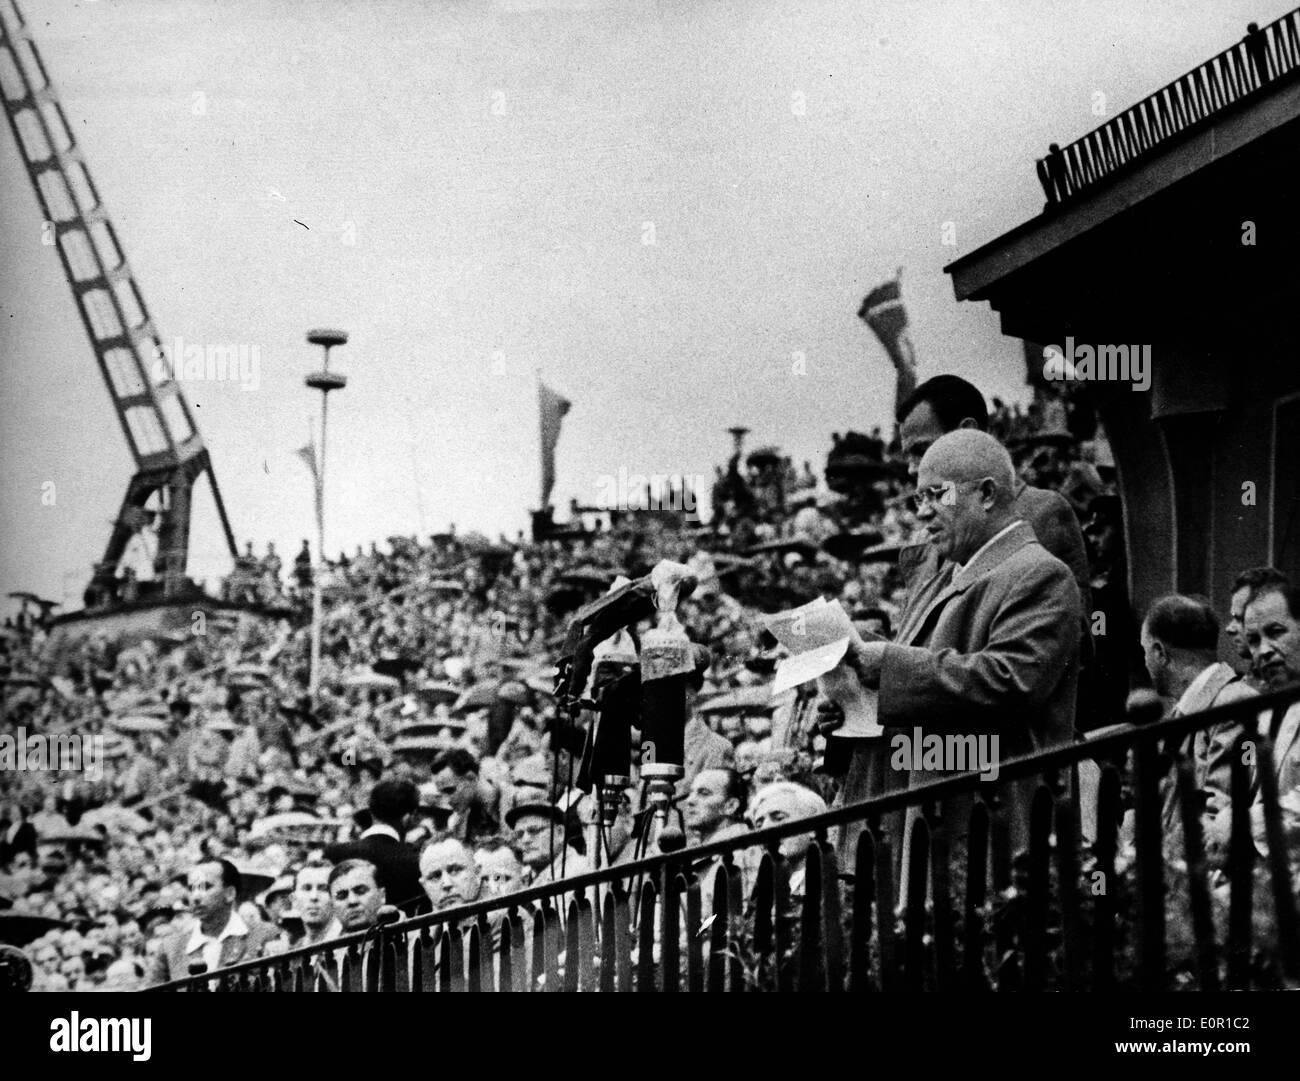 Prime Minister Nikita Khrushchev gives a speech - Stock Image